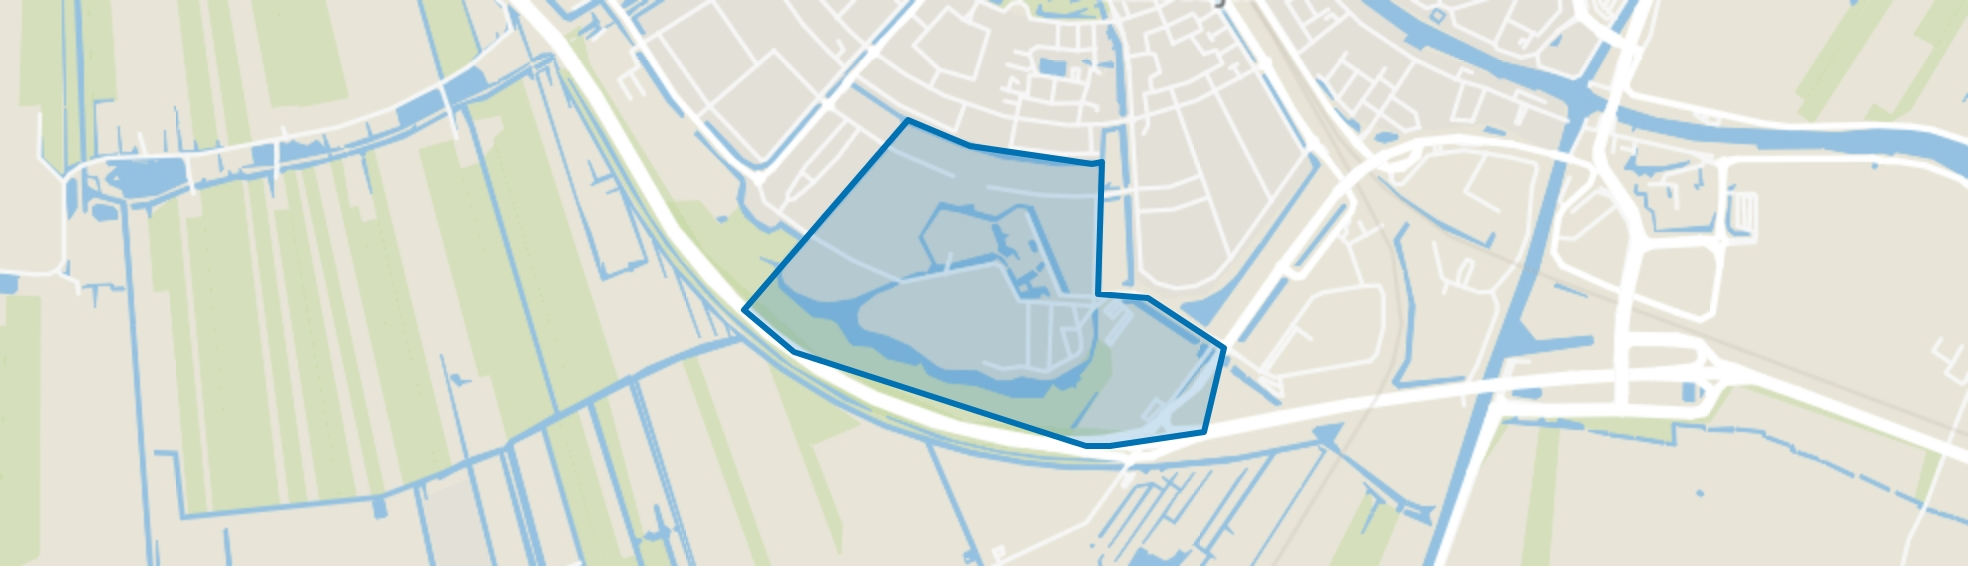 Archeon, Alphen aan den Rijn map